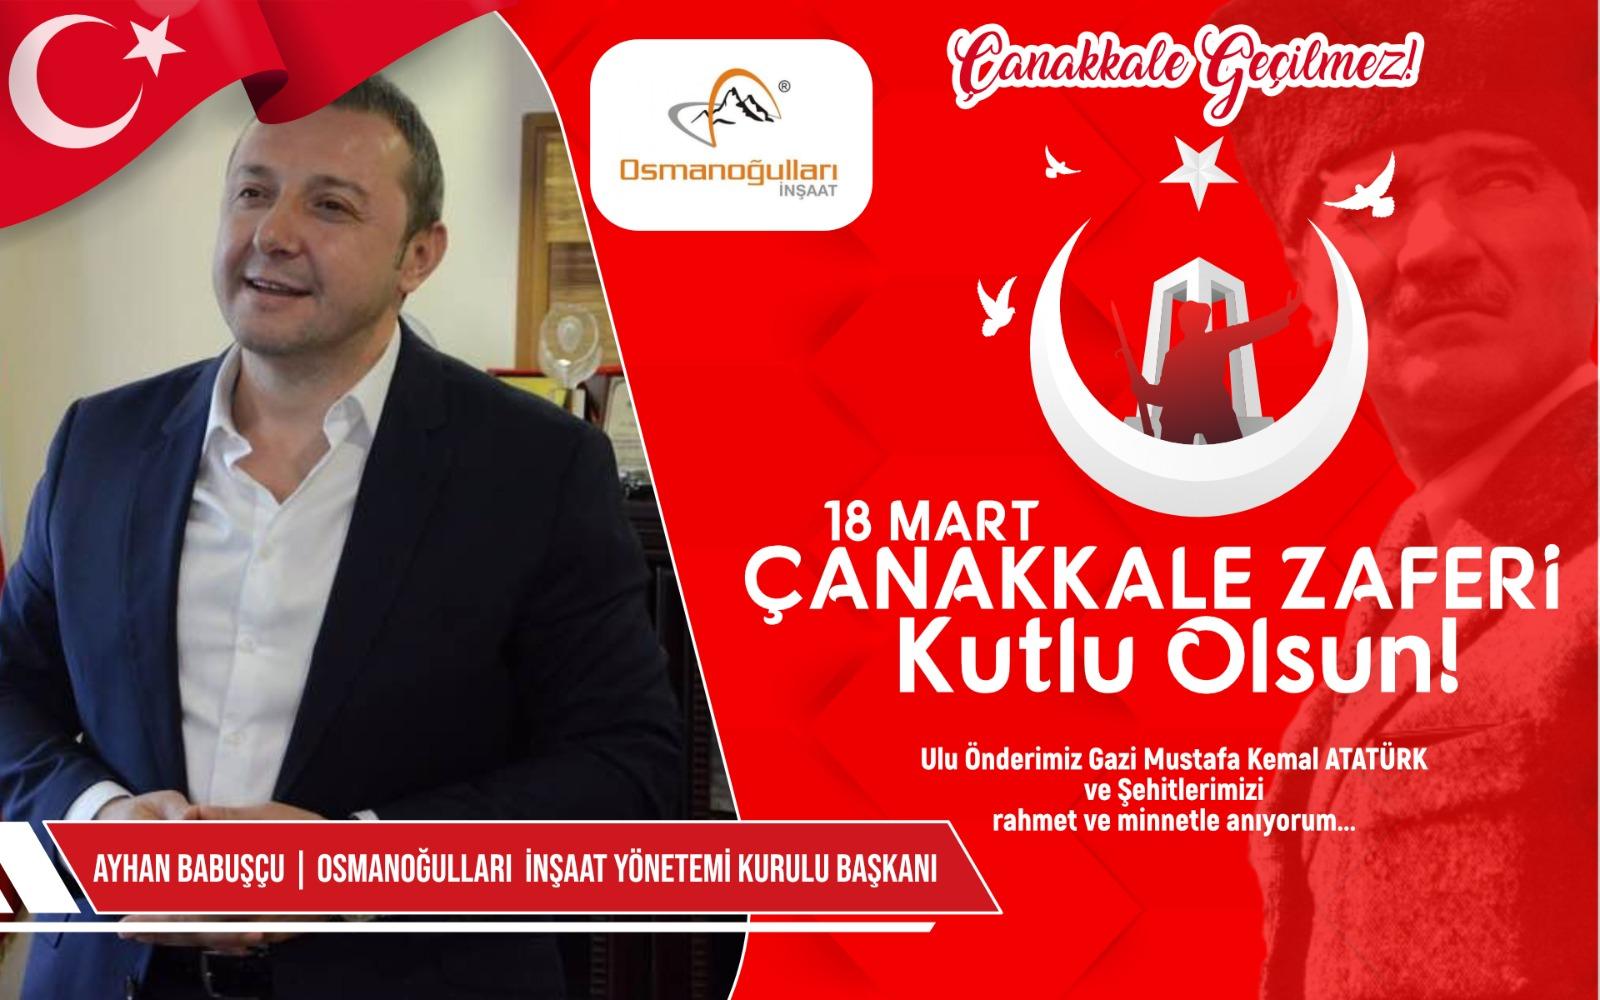 Osmanoğulları İnşaat yönetim kurulu Başkanı Ayhan Babuşçu'nun Kutlama ve Anma mesajı